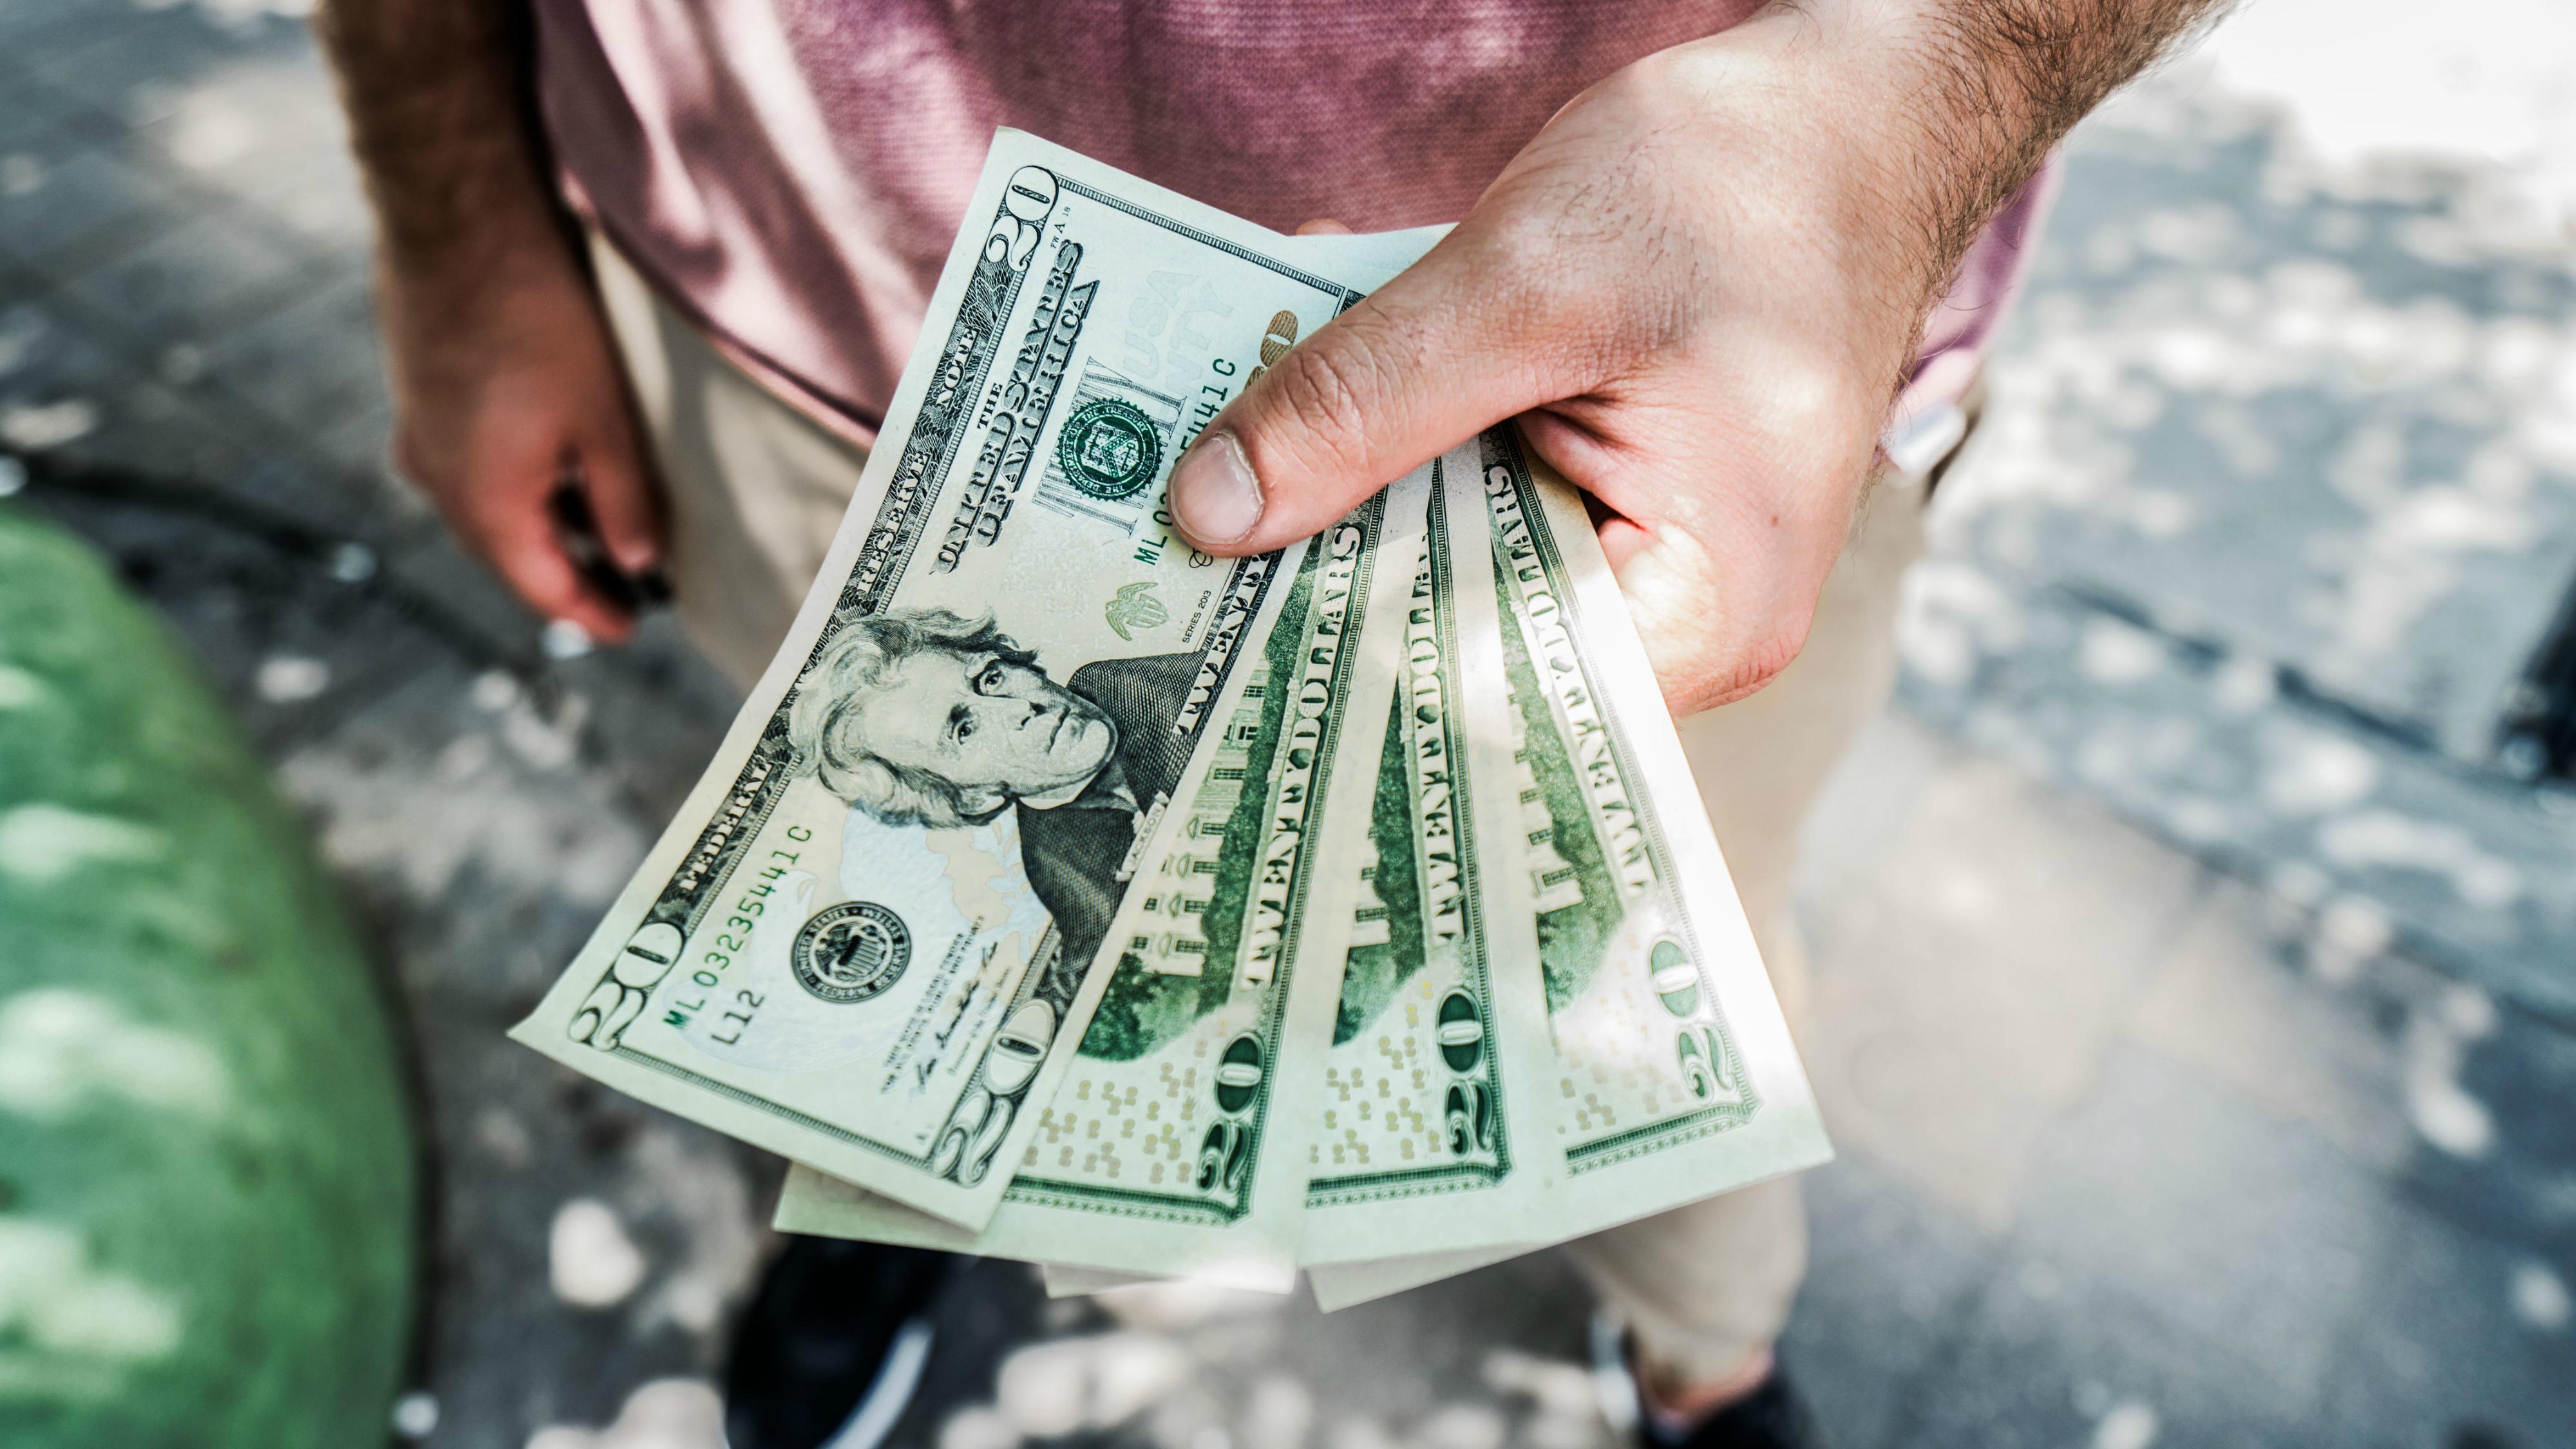 lai jūs varētu ātri nopelnīt naudu investīciju platforma simex